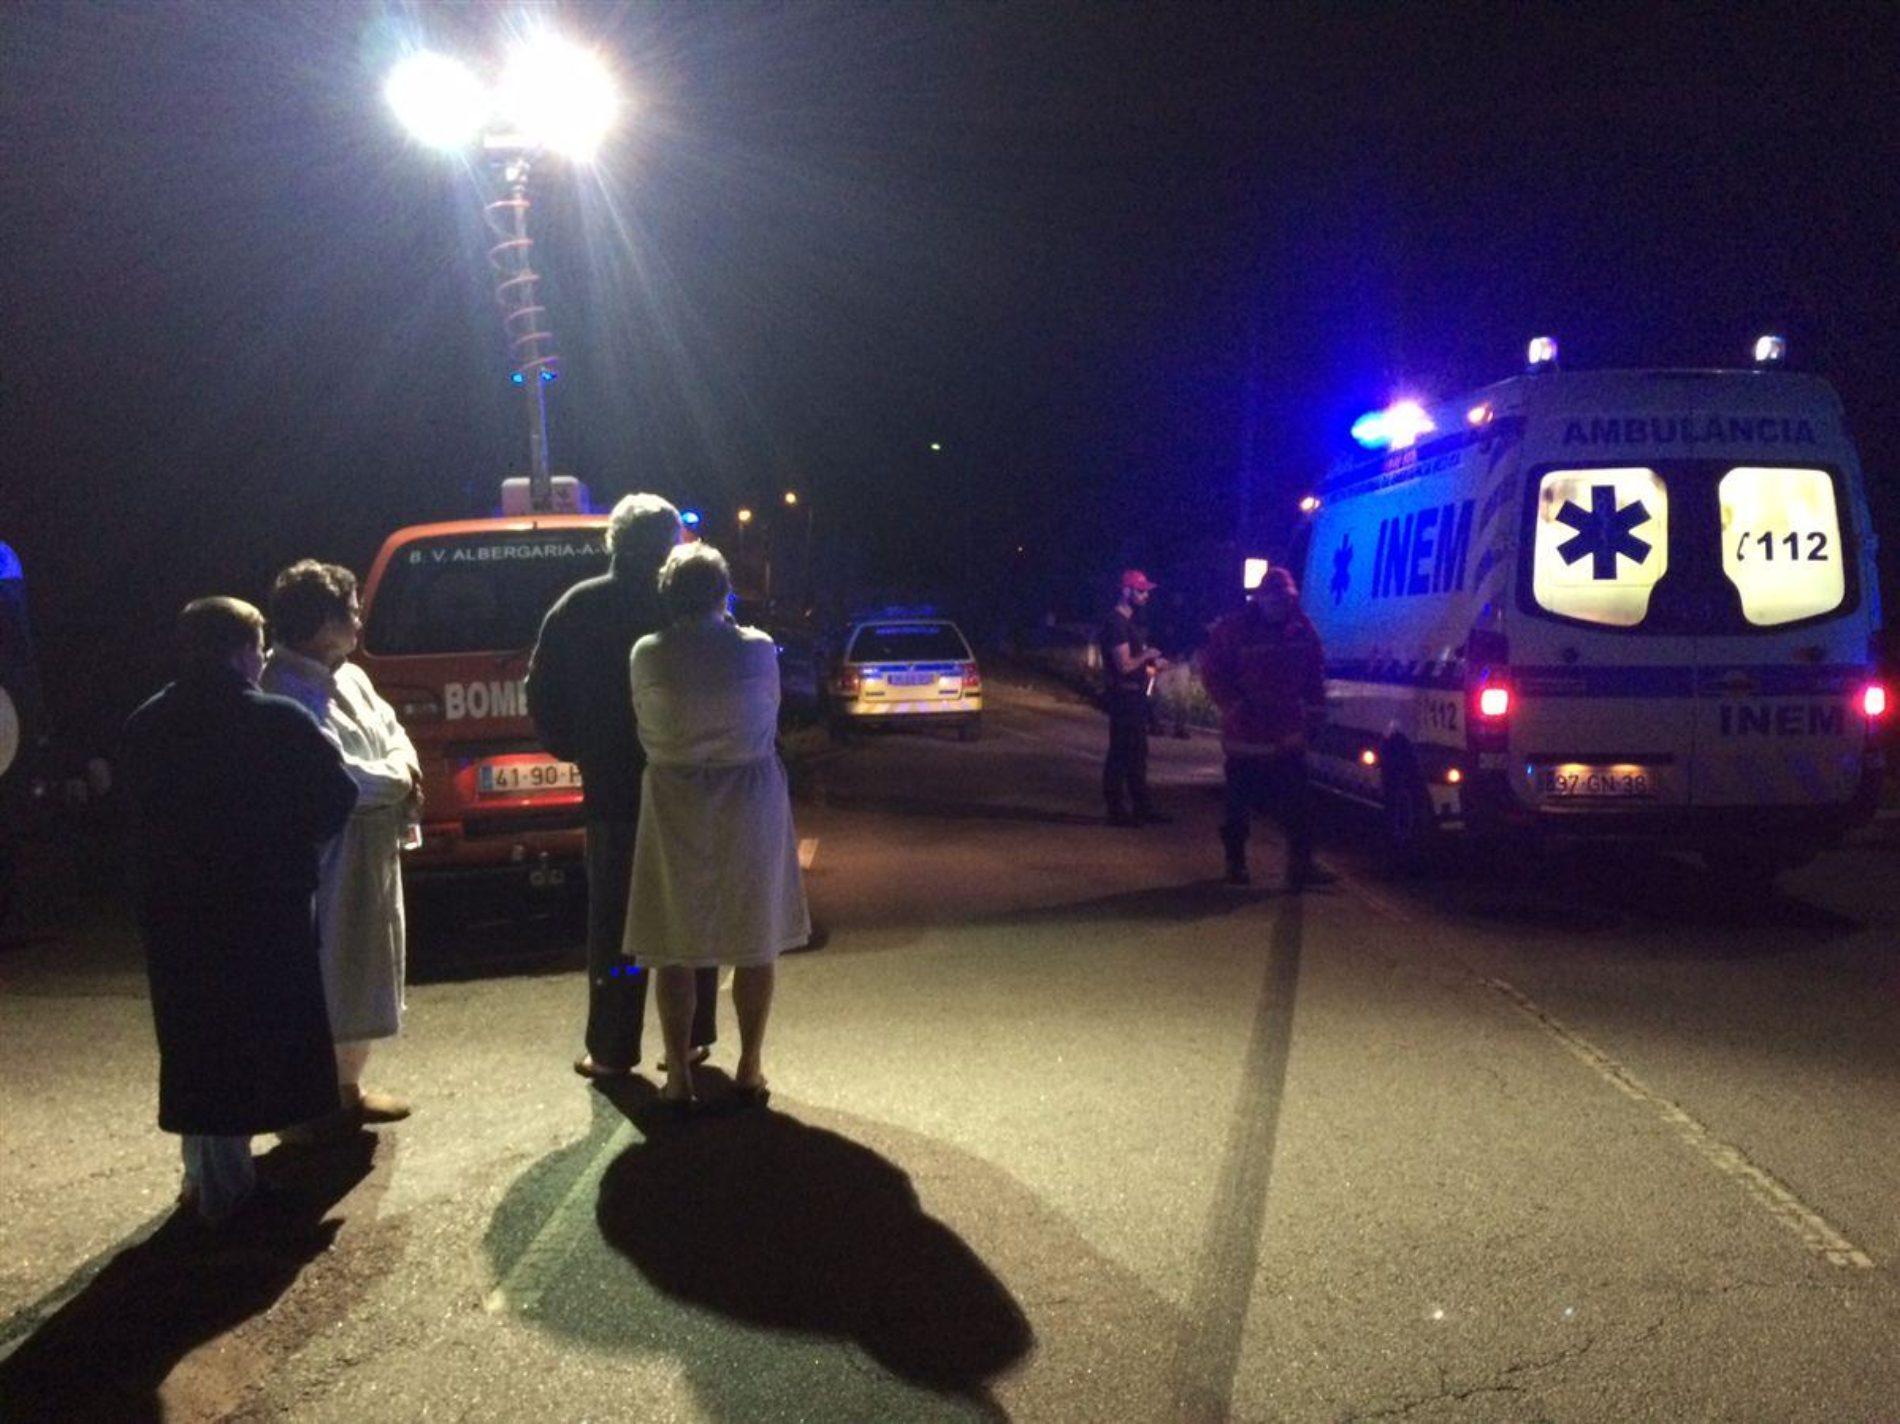 Despiste em perseguição policial provoca quatro feridos